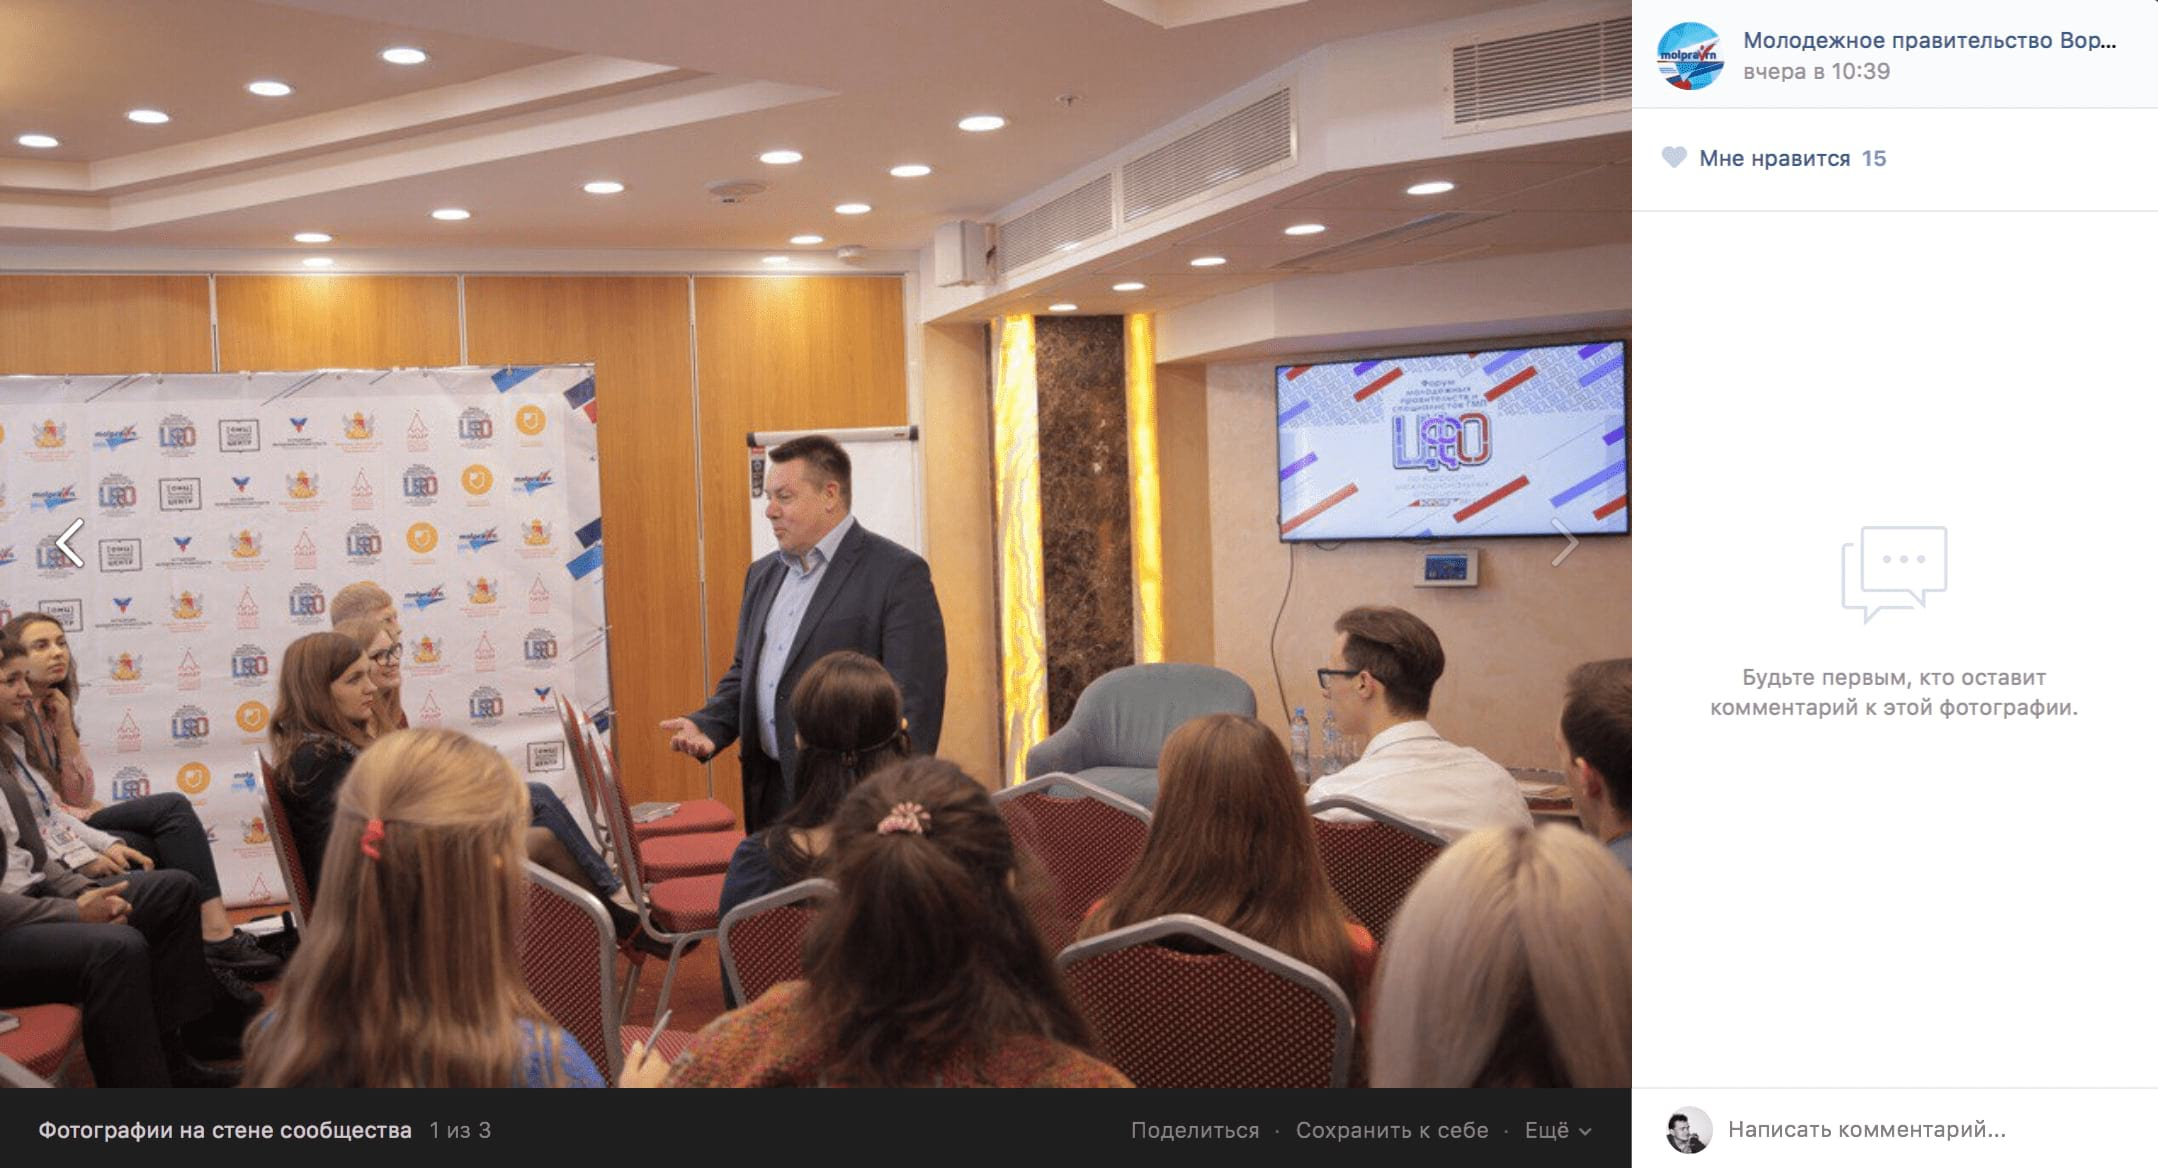 Раньше я работал с молодежным правительством Воронежа, поэтому до сих пор за ними слежу